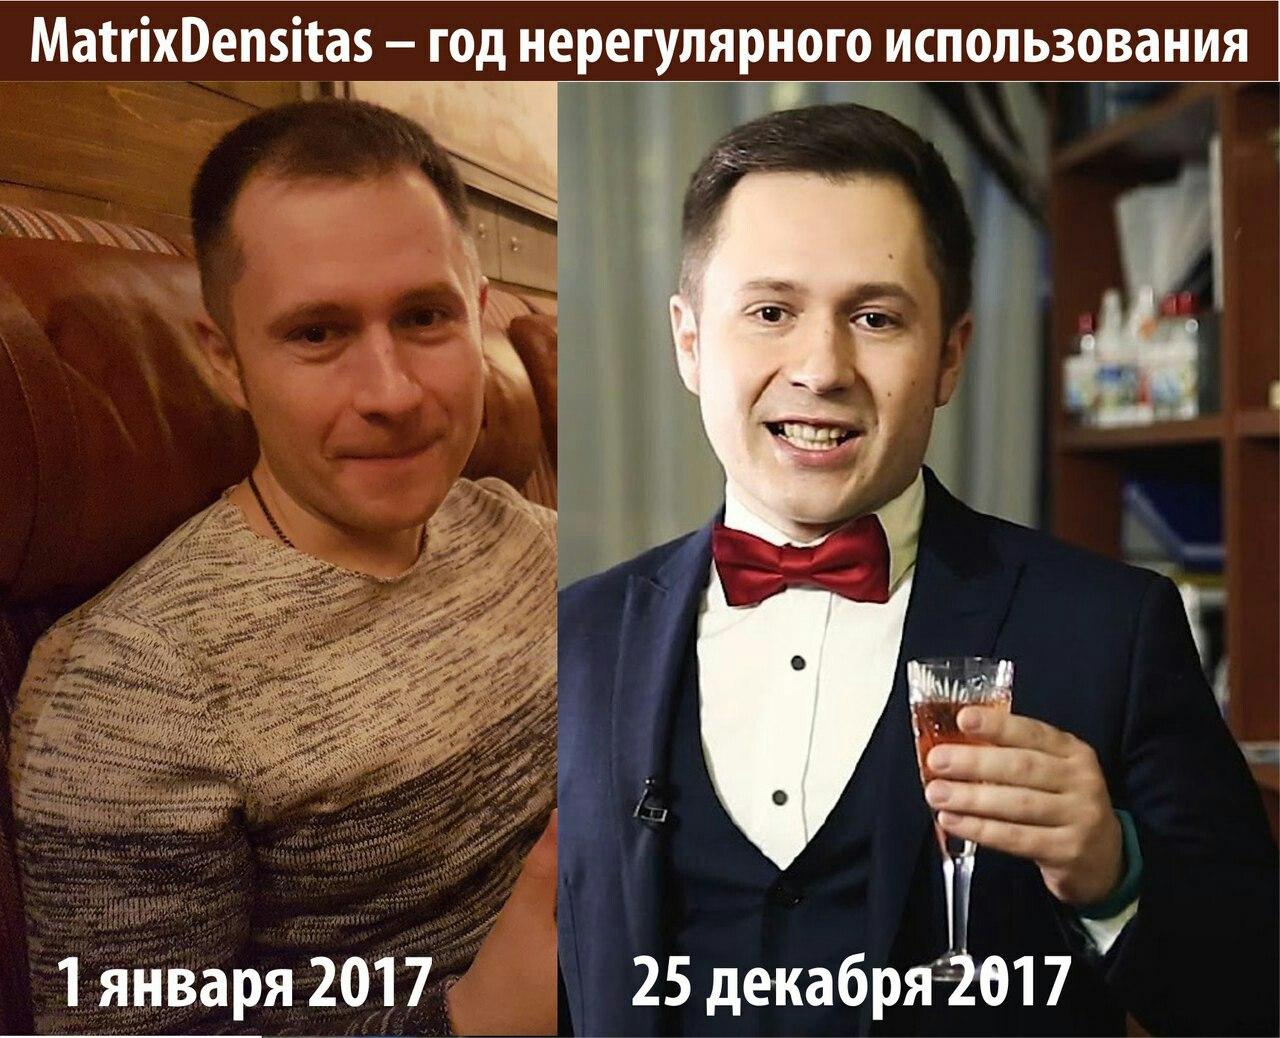 Олег Минин_ Отзыв